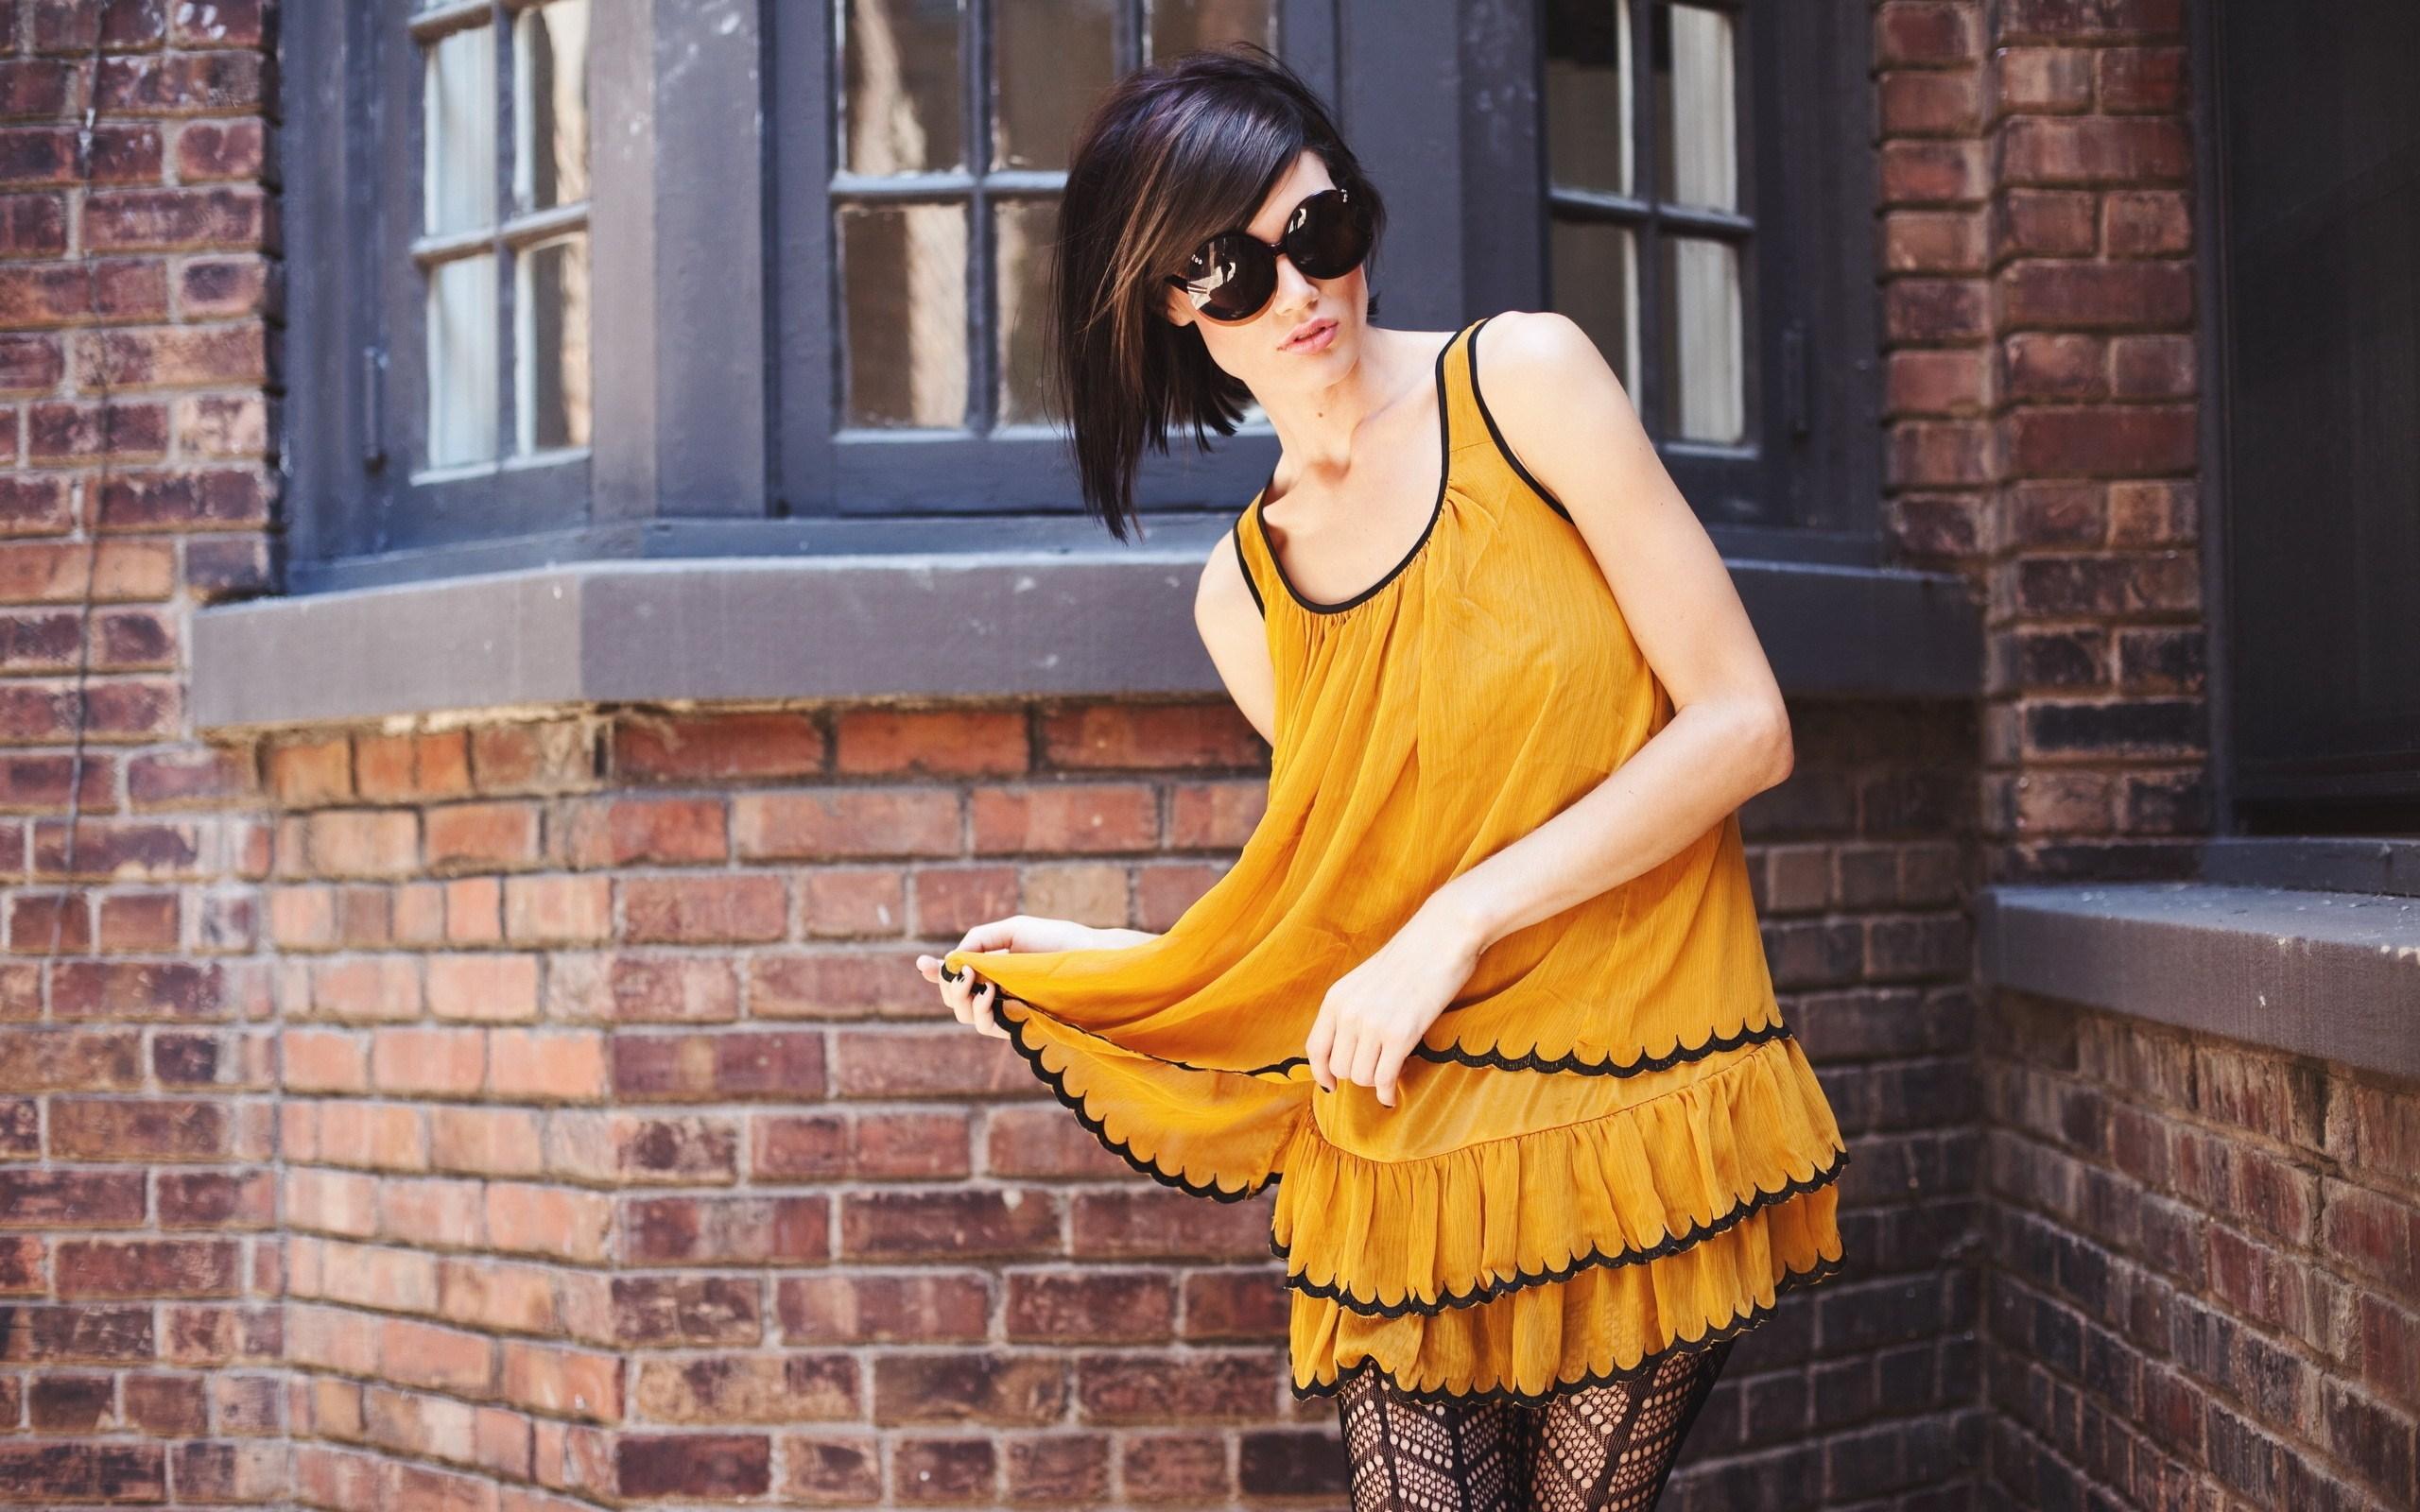 beautiful girl fashion wallpaper 40152